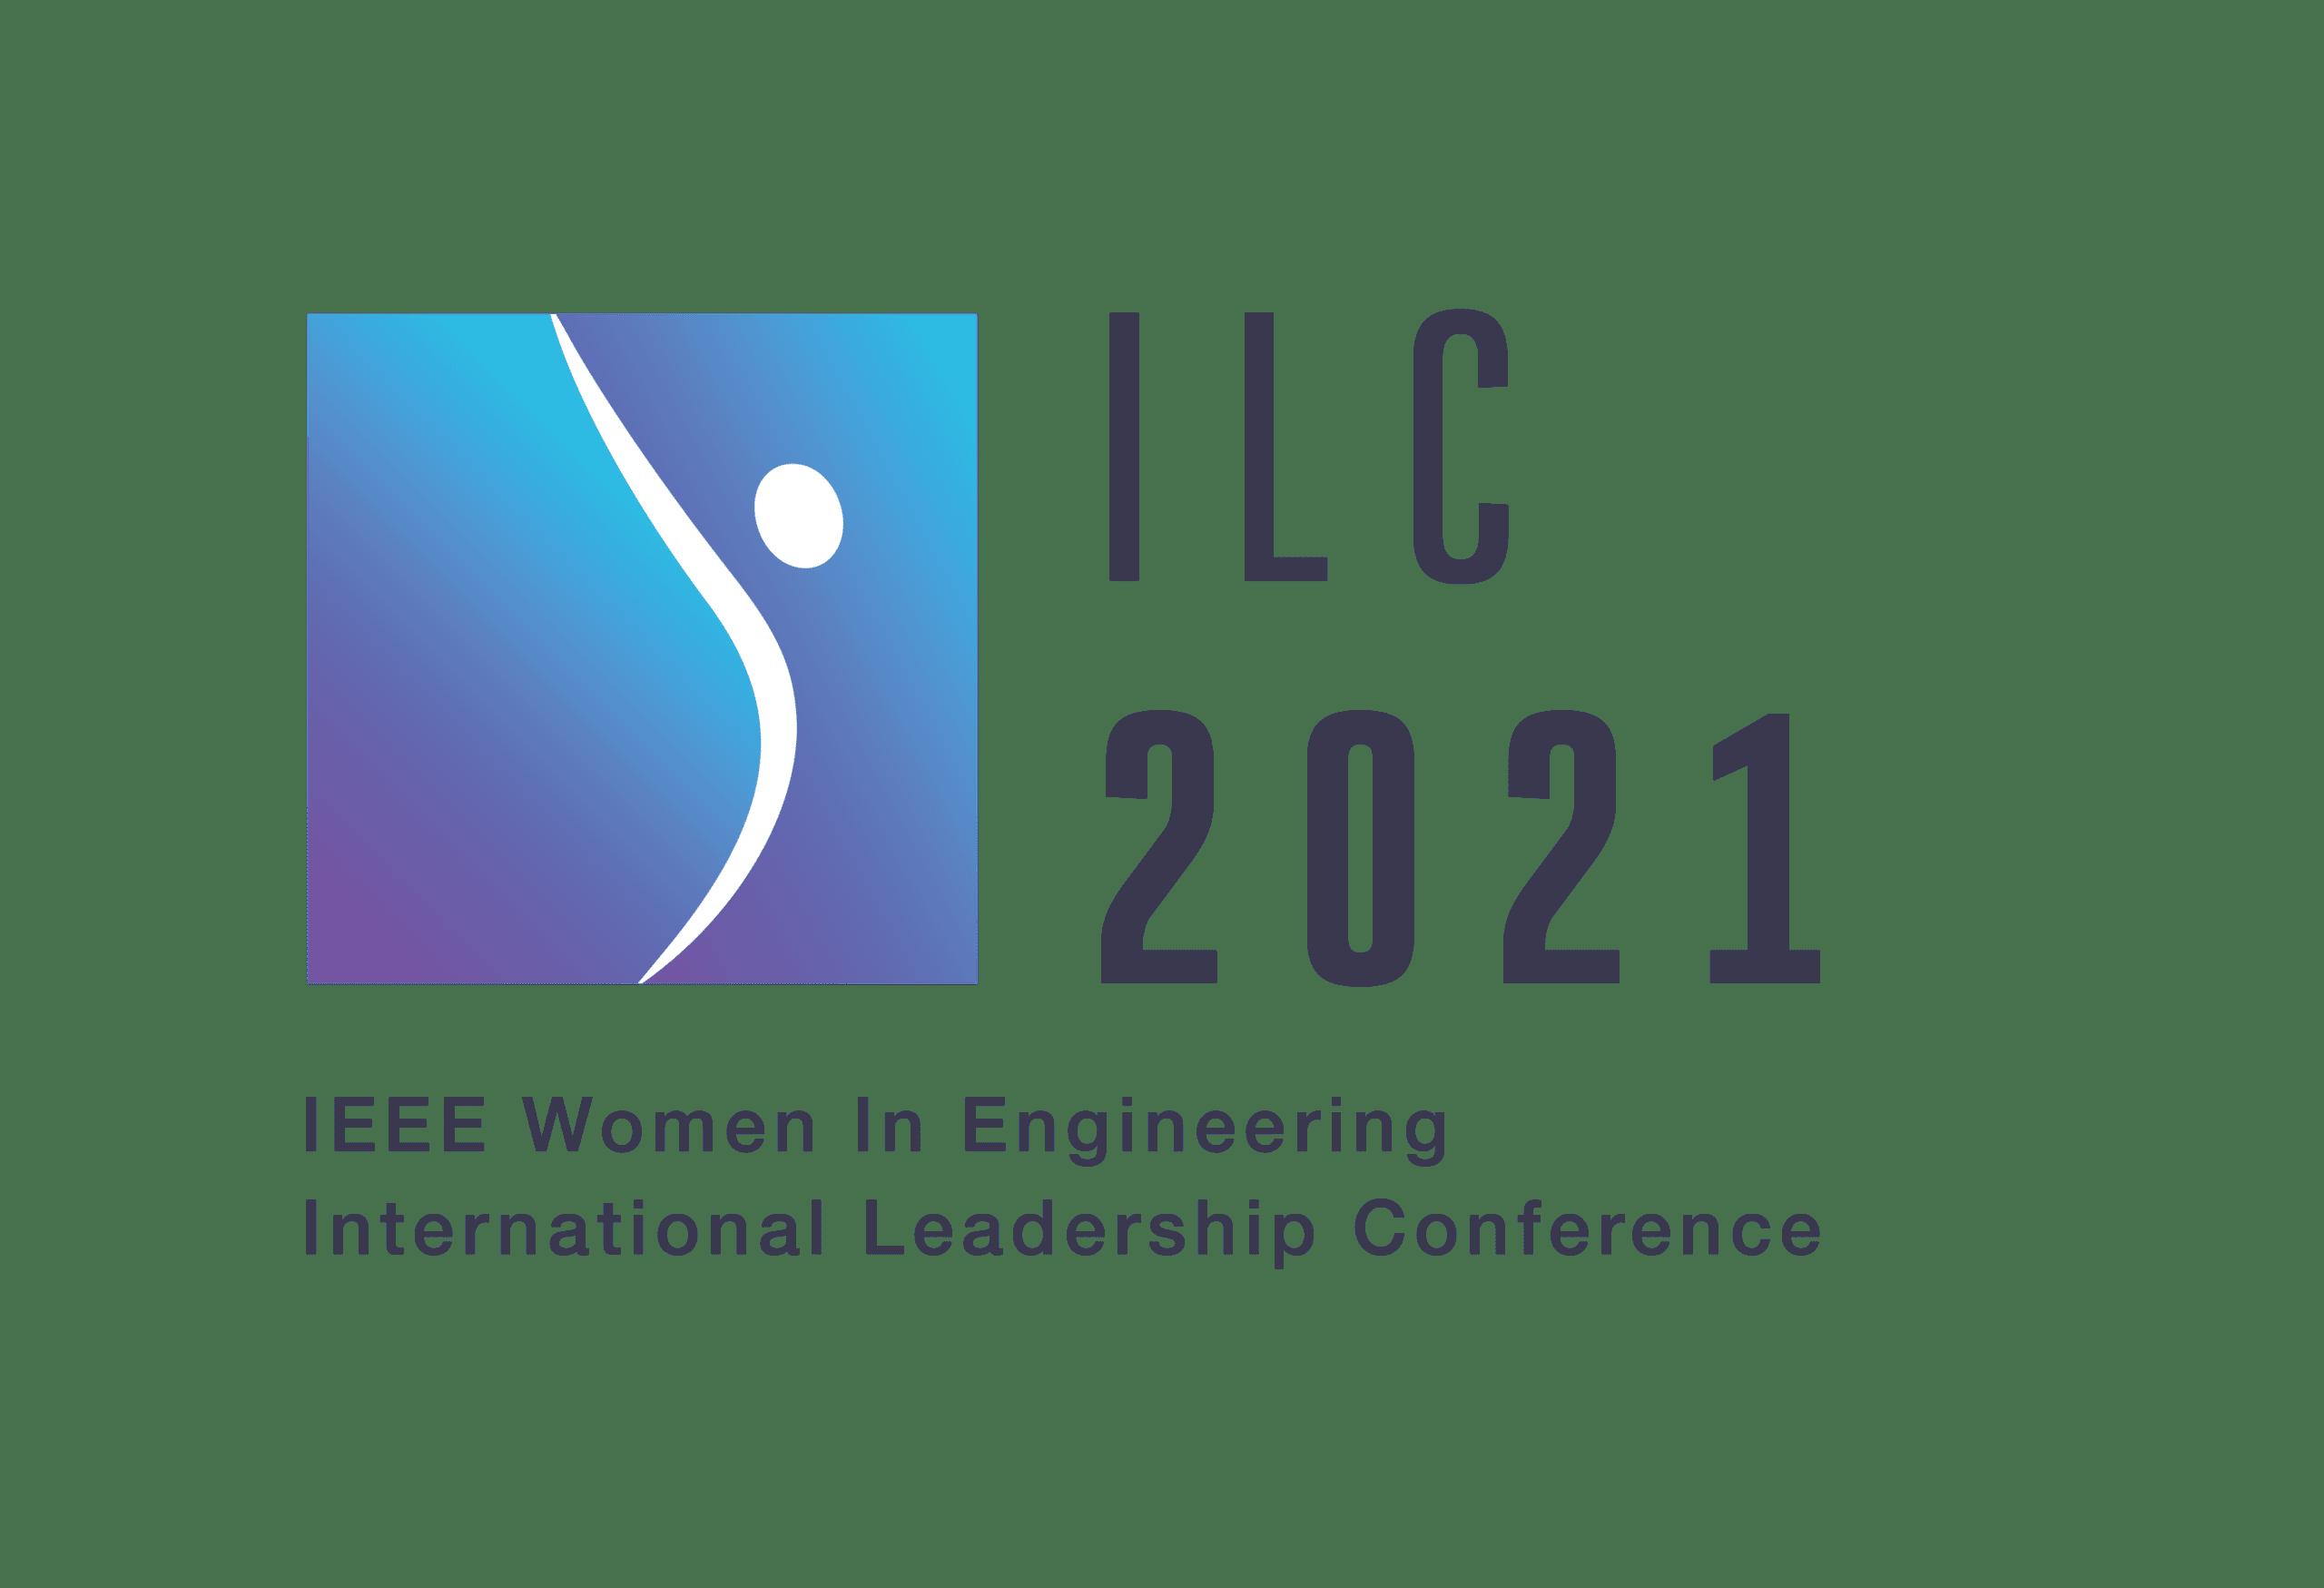 IEEE Women in Engineering International Leadership Conference